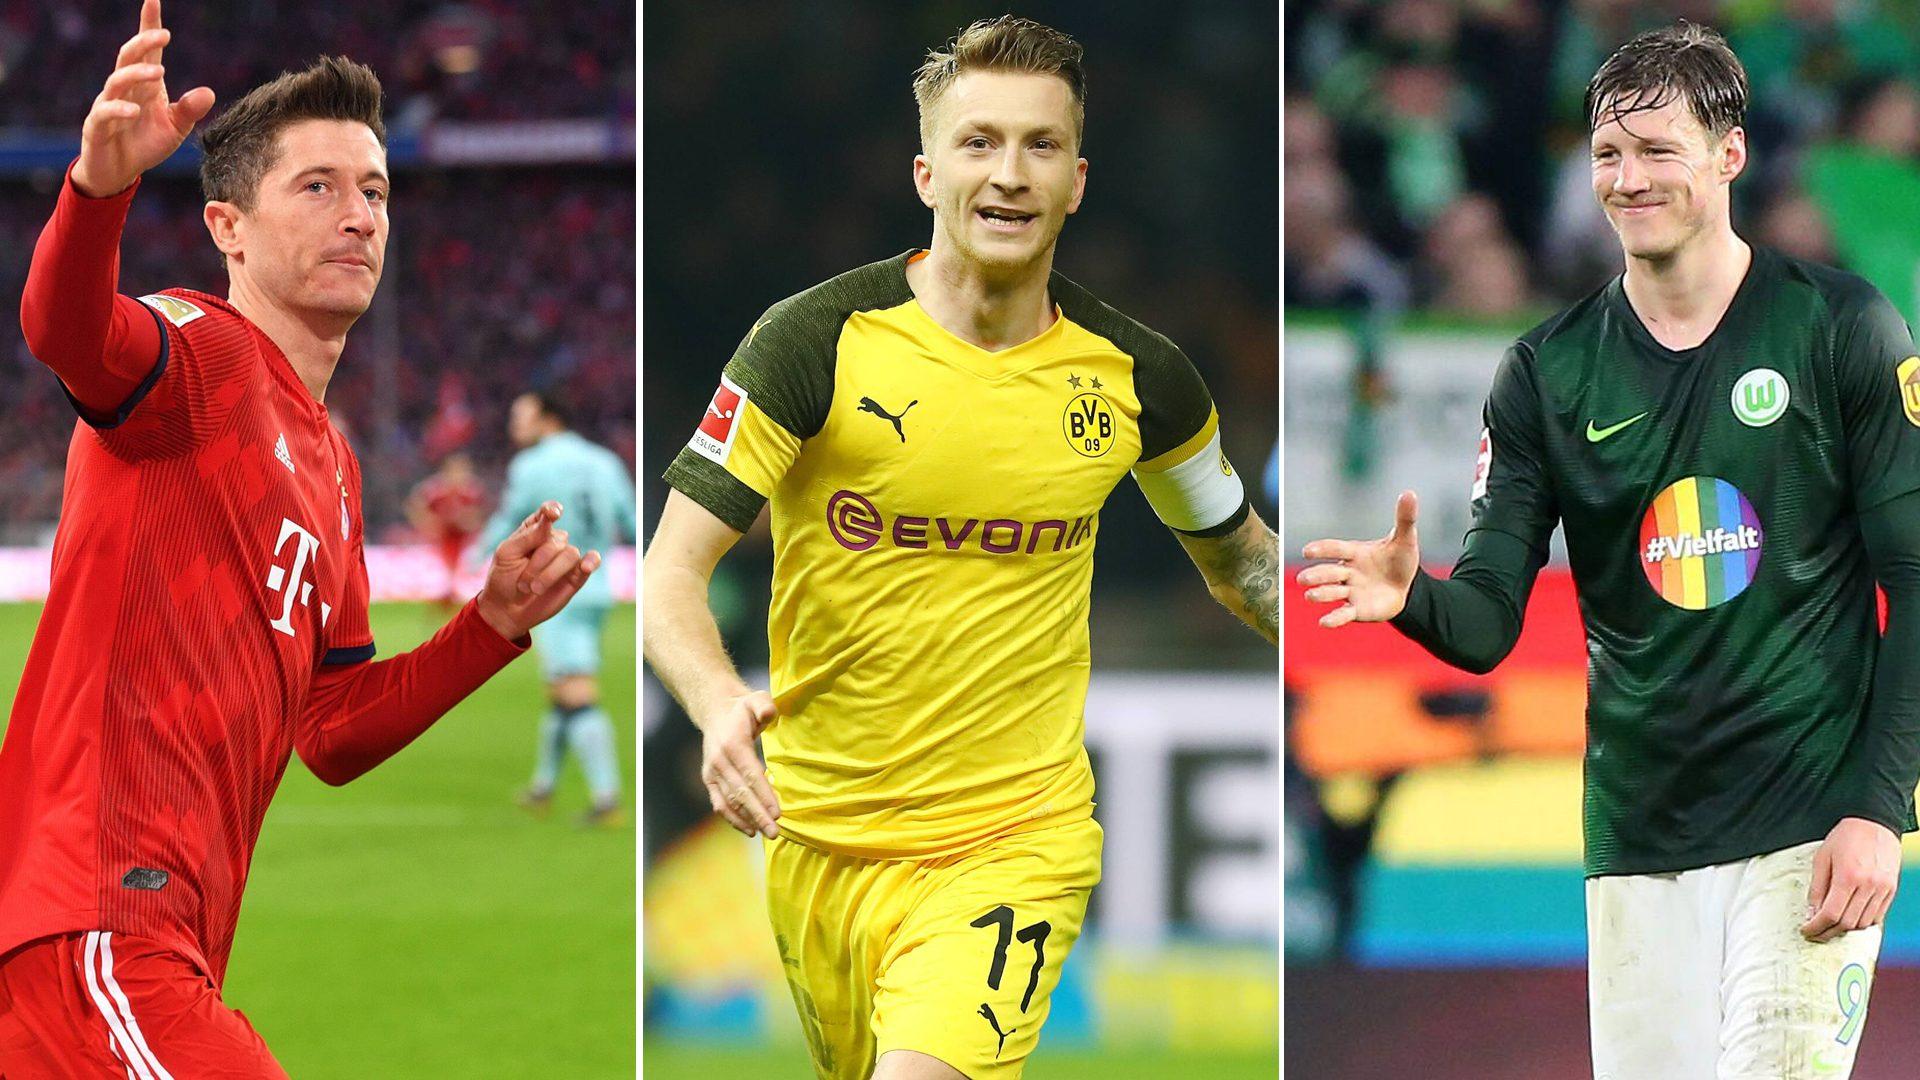 26. Spieltag im Fokus: Darüber spricht die Bundesliga